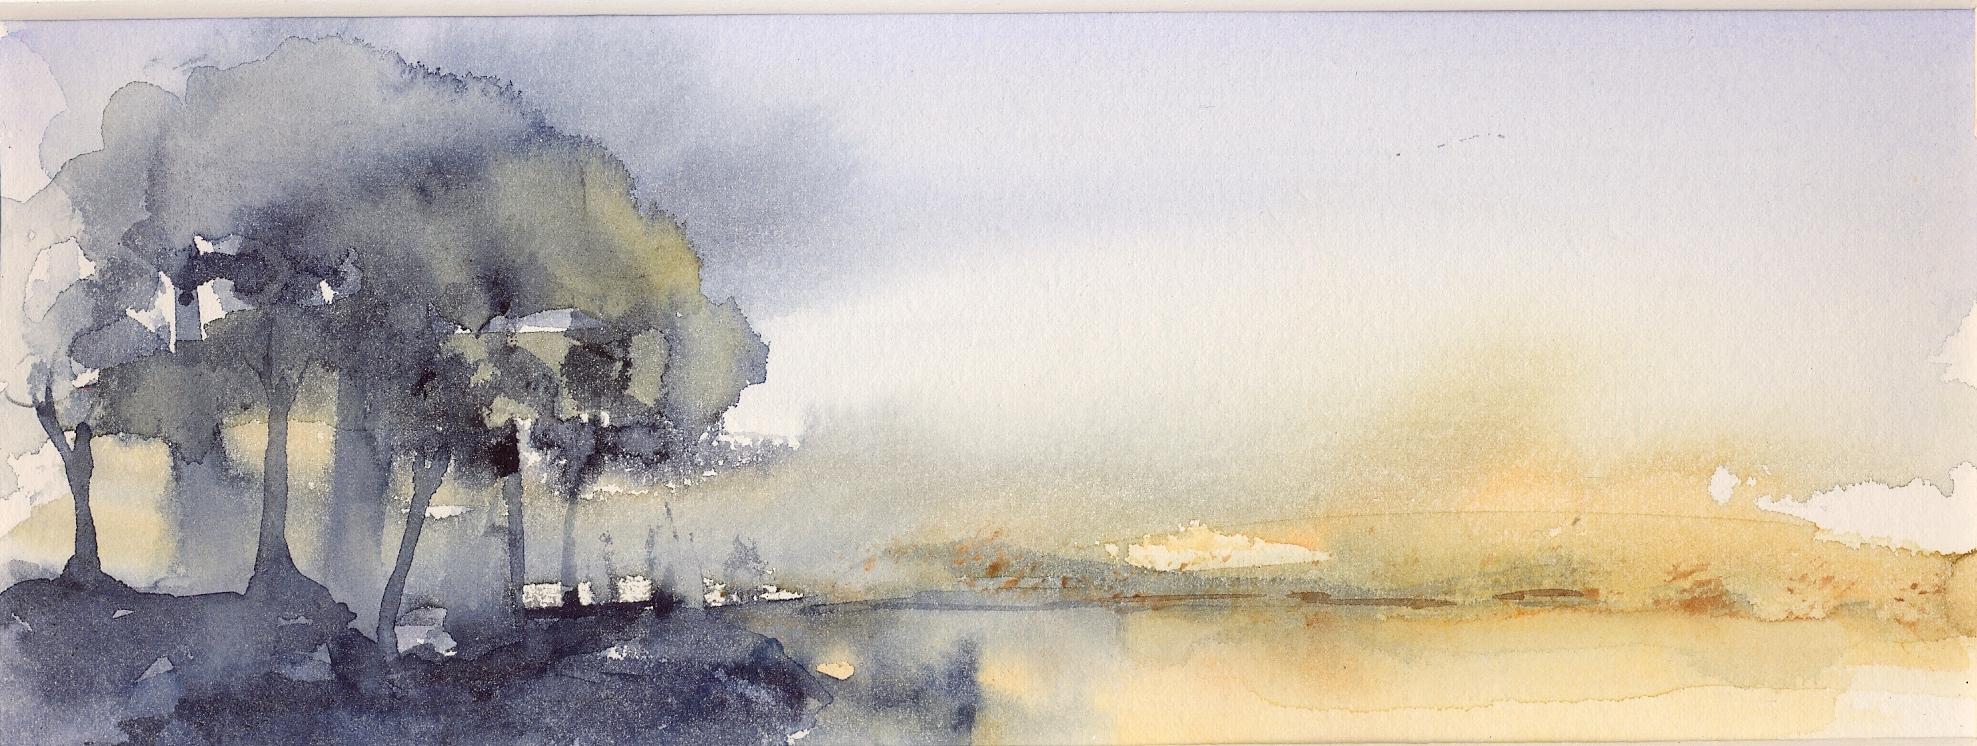 akvarel under åben himmel